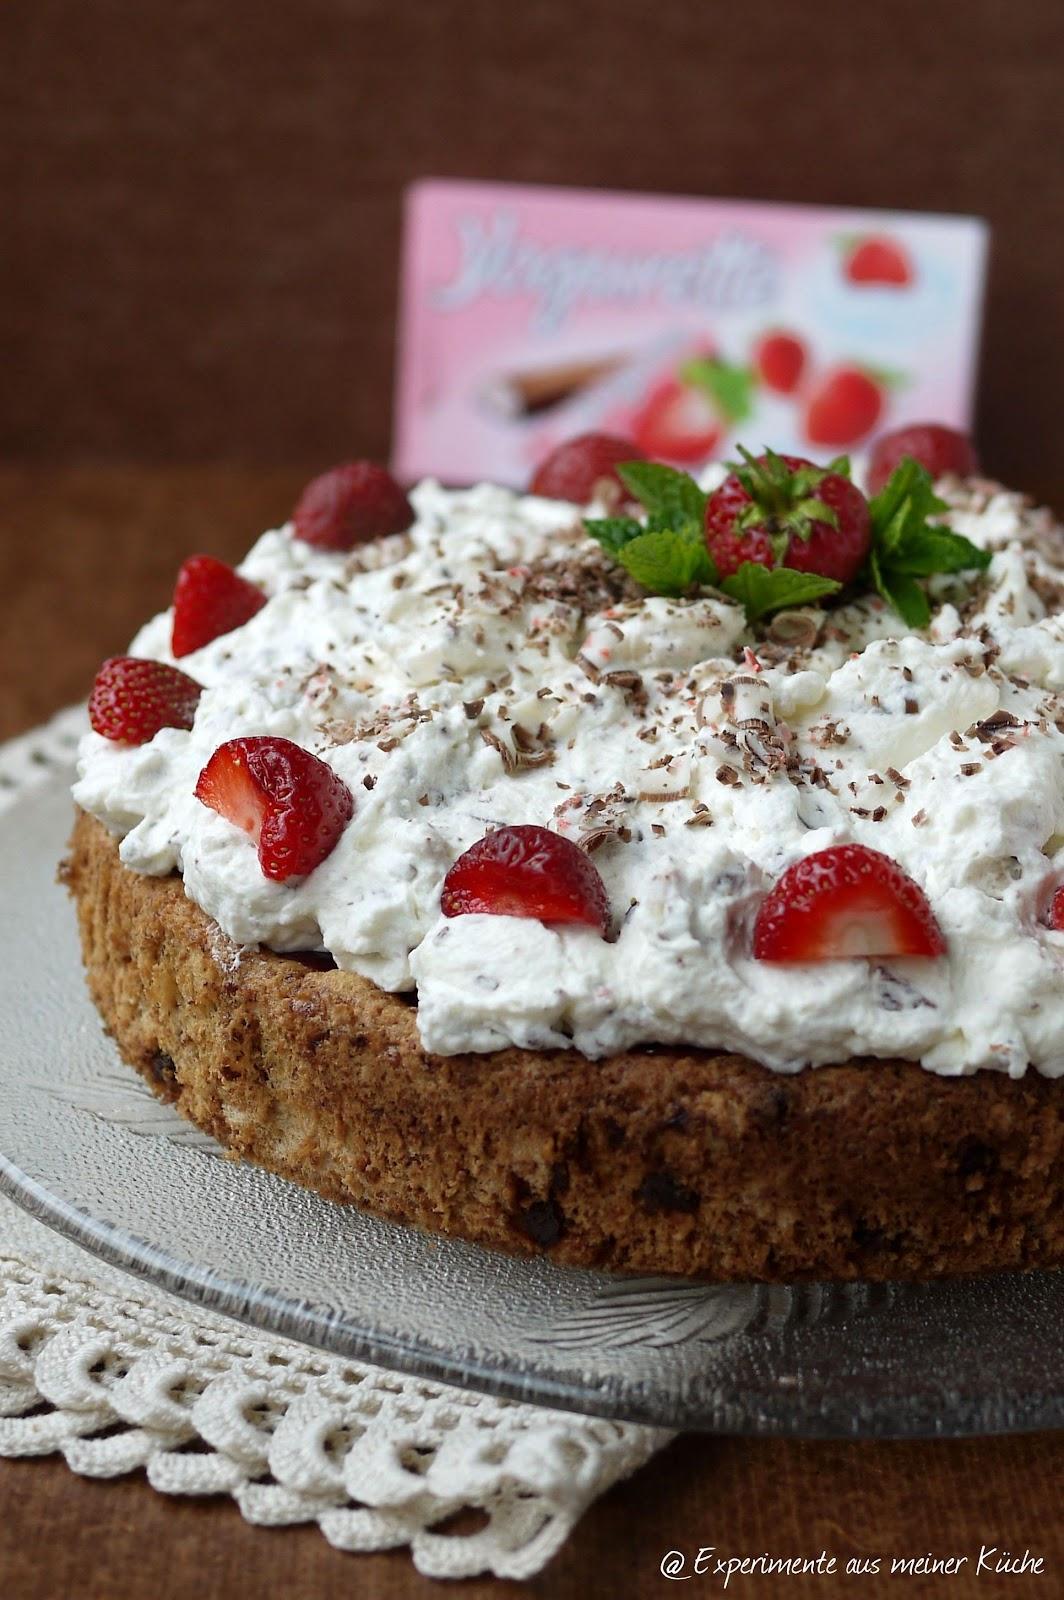 Experimente aus meiner Küche: Erdbeer-Yogurette-Torte